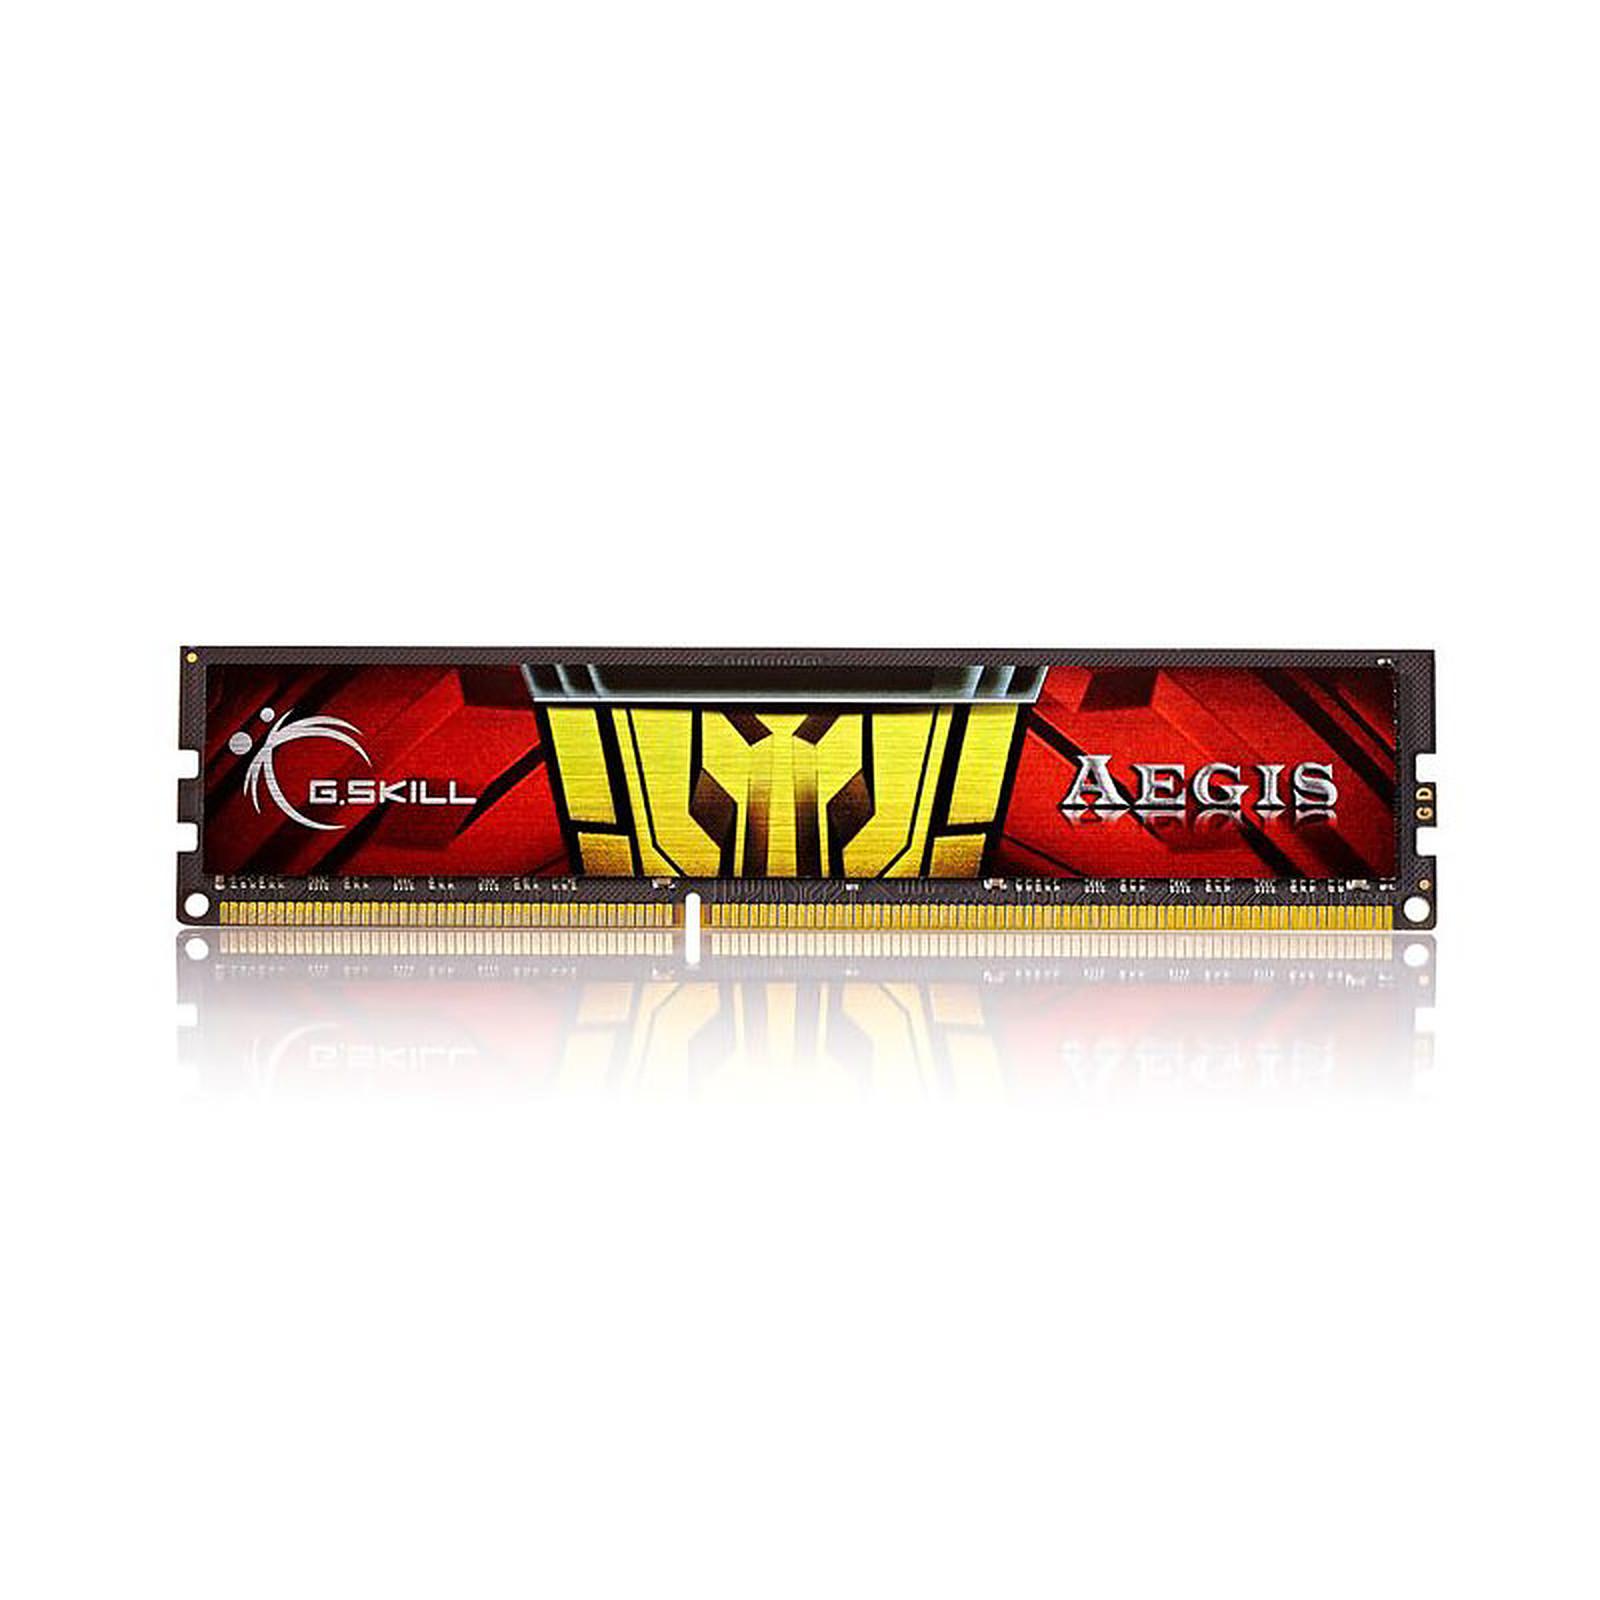 G.Skill Aegis Series 4 Go DDR3 1333 MHz CL9